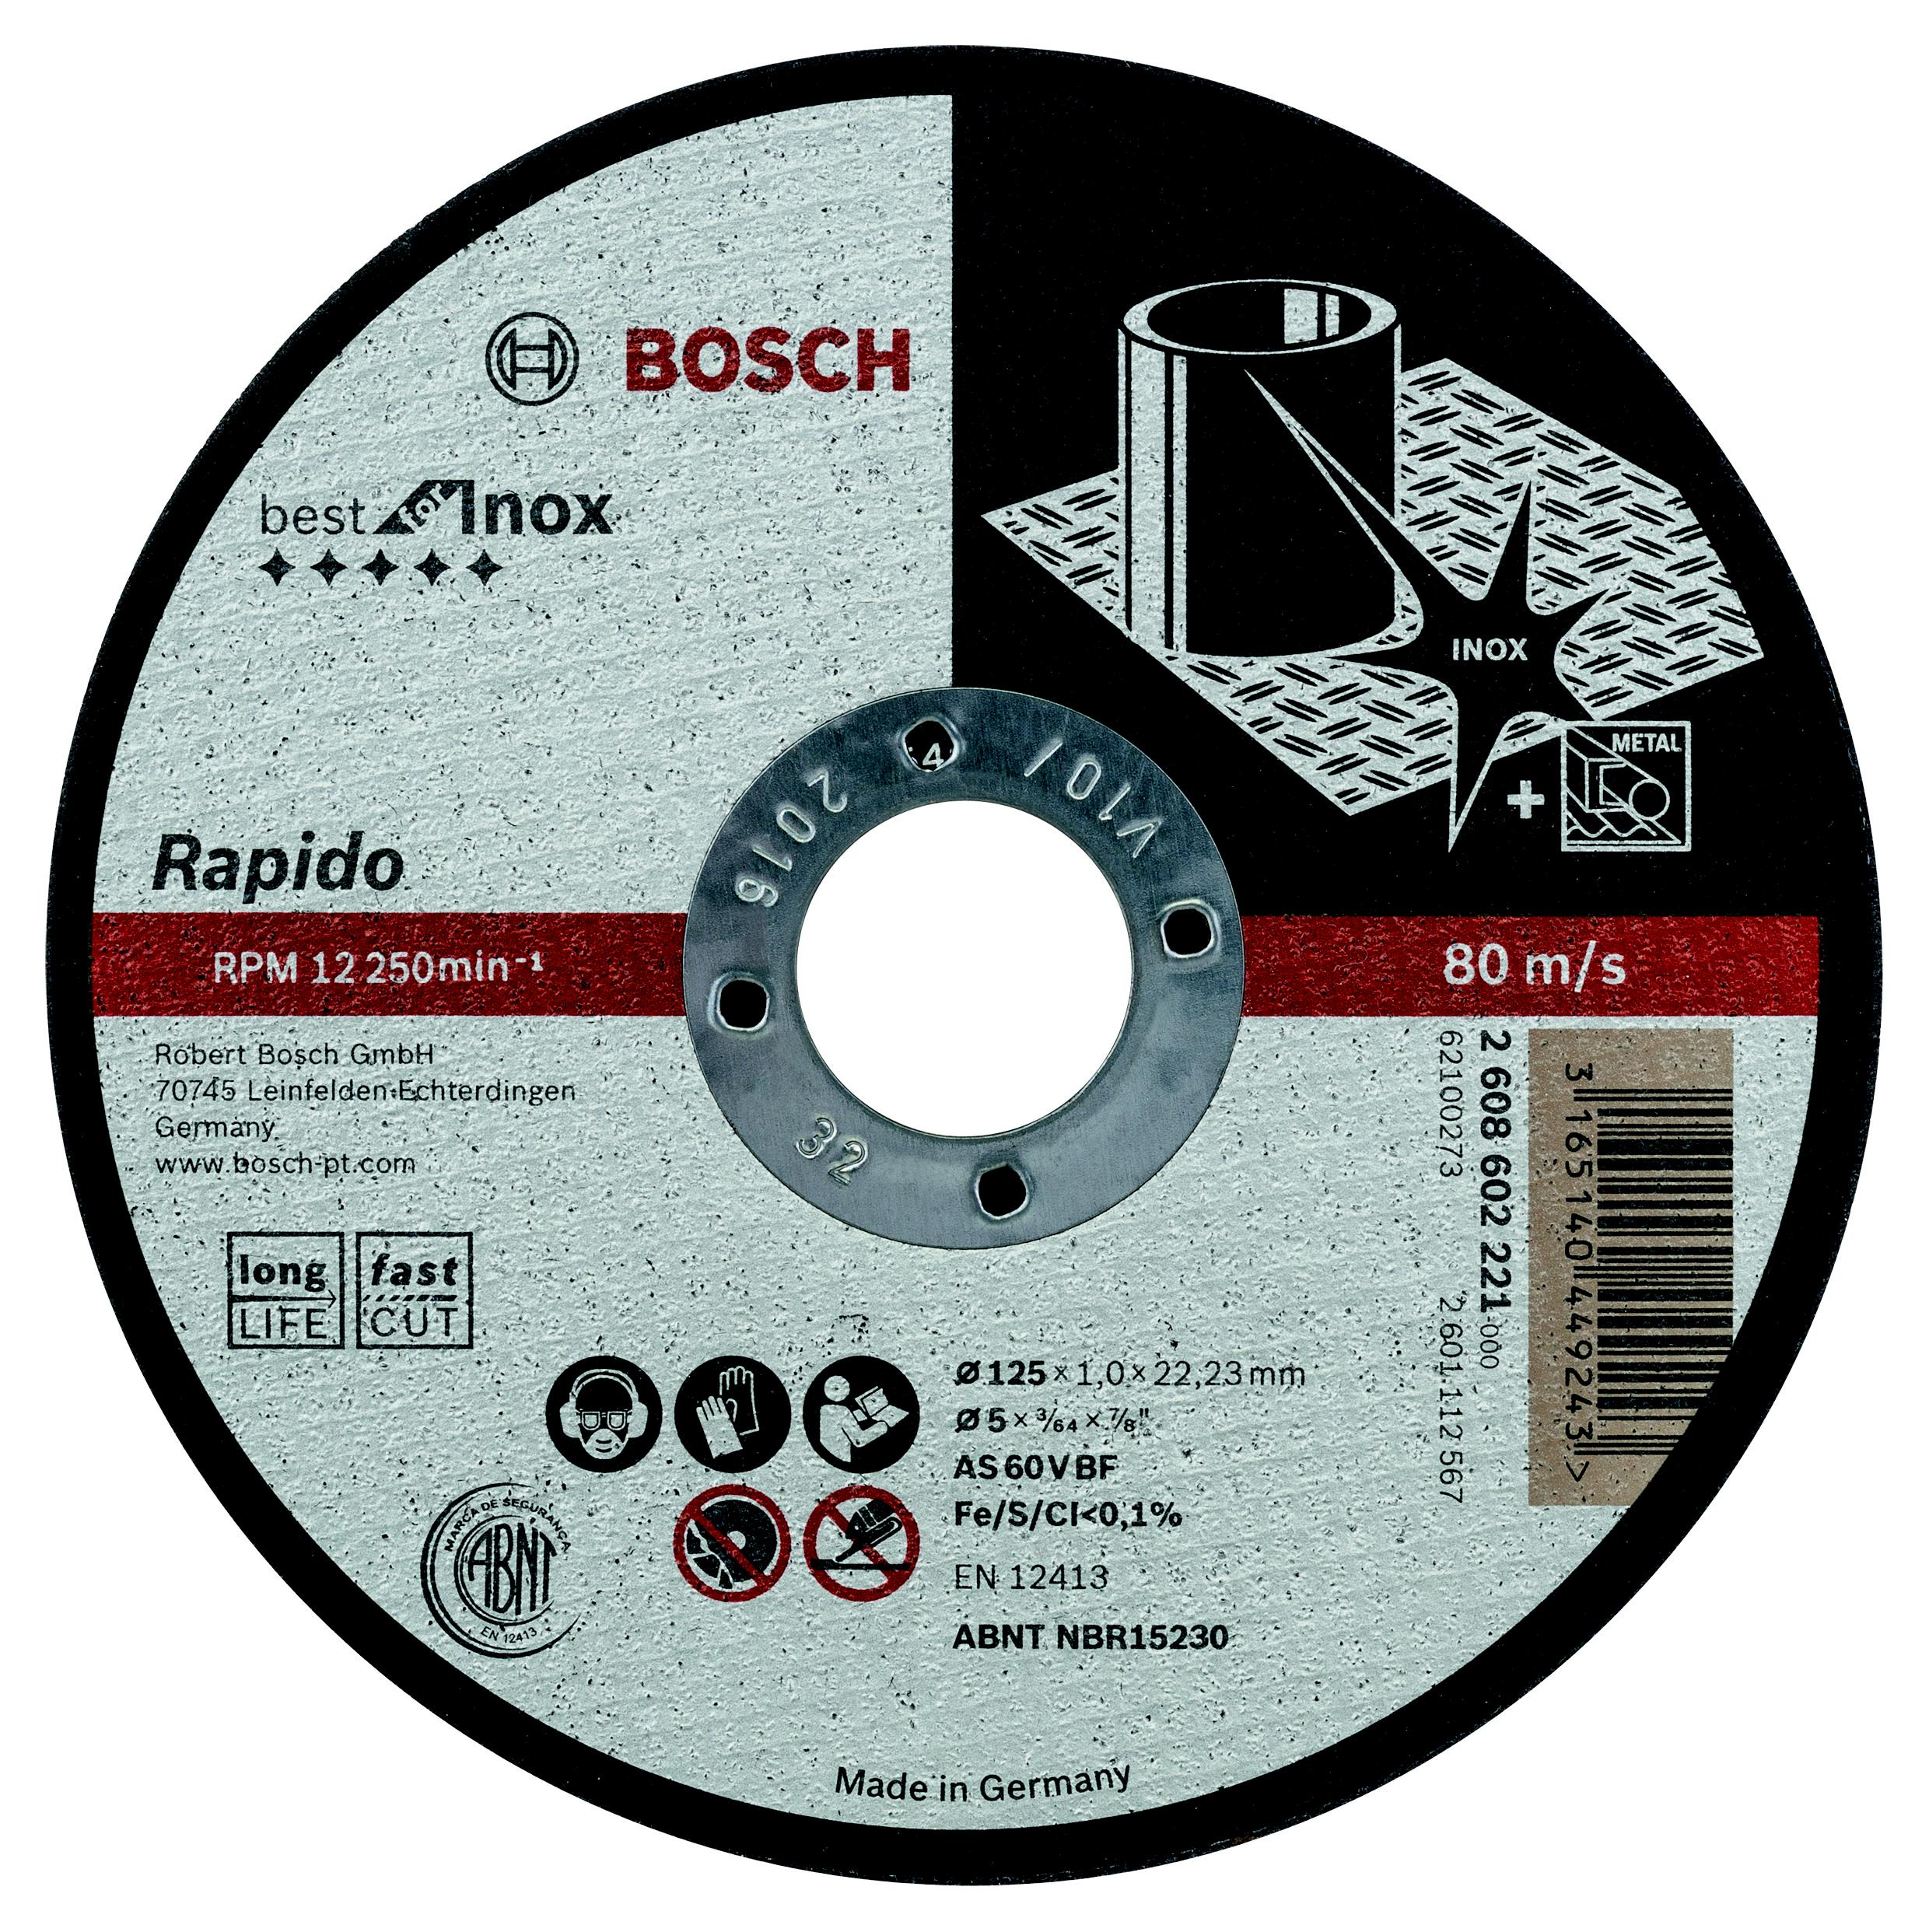 Круг отрезной Bosch 125х1х22 best for inox rapido (2.608.602.221)